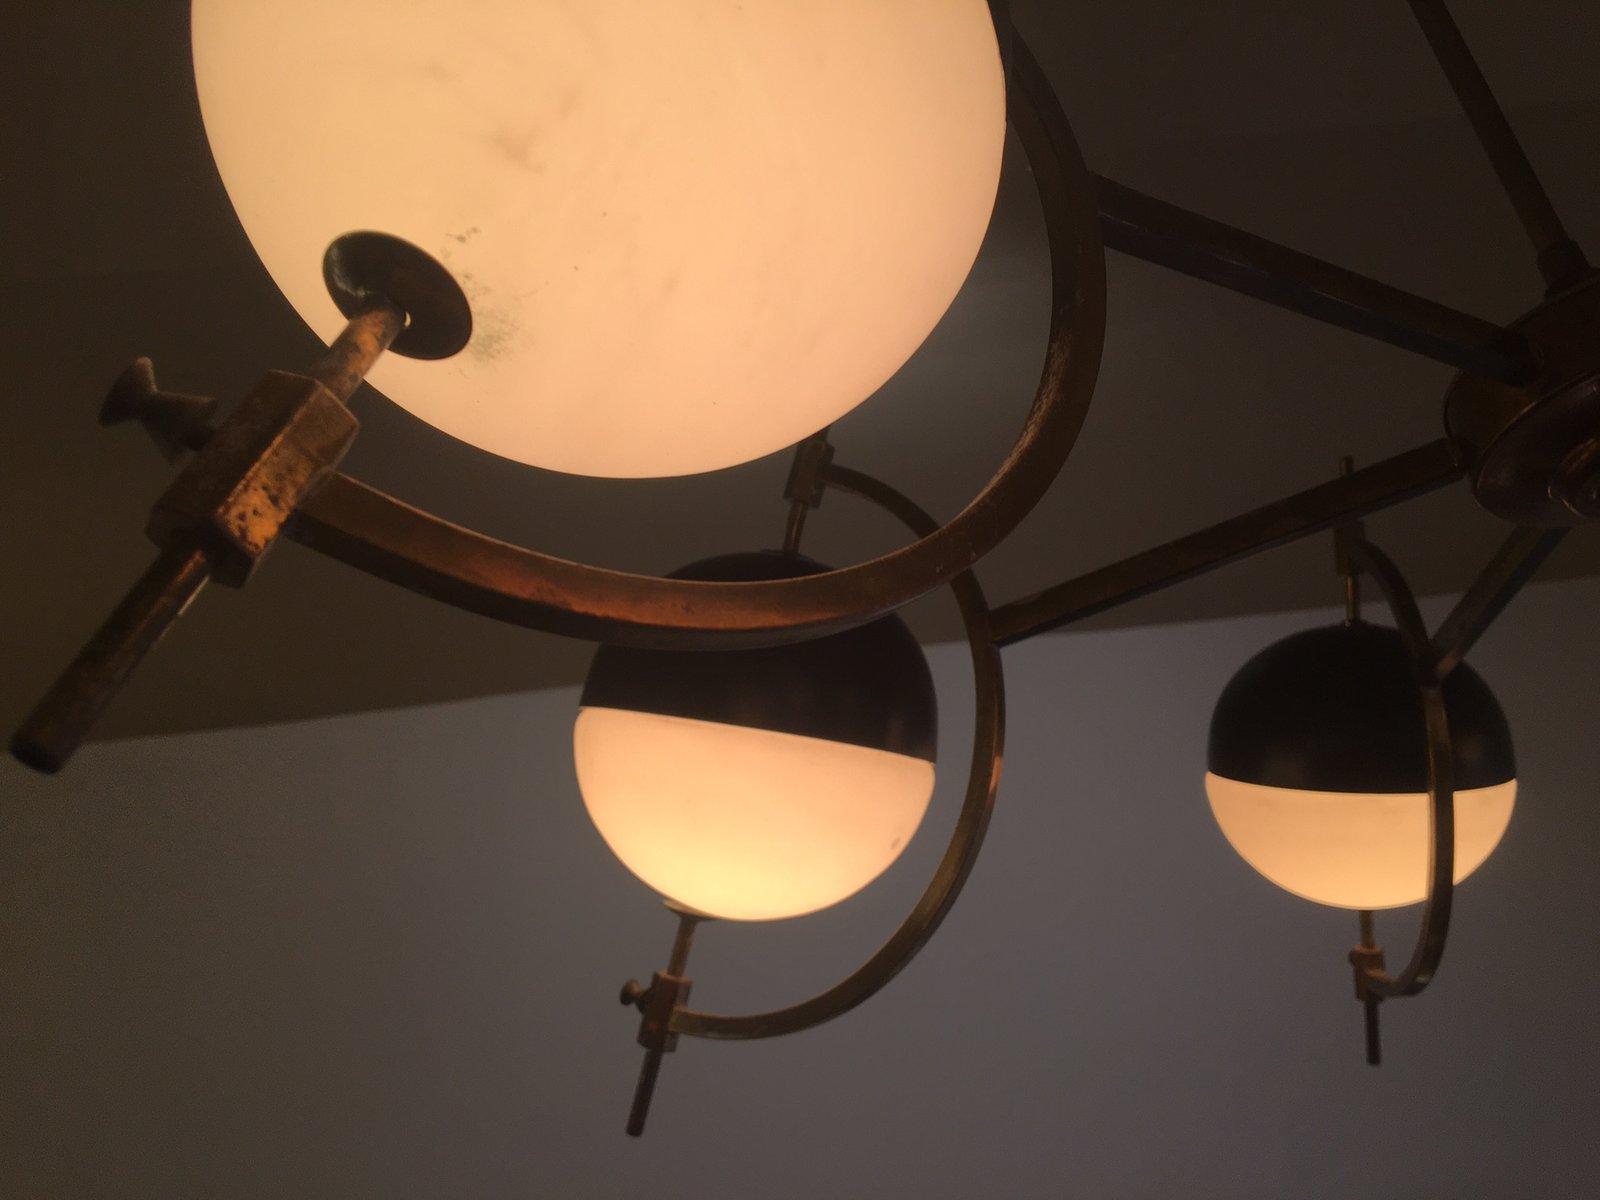 Lampadario murano dwg lampadario murano dwg outlet del for Outlet del design